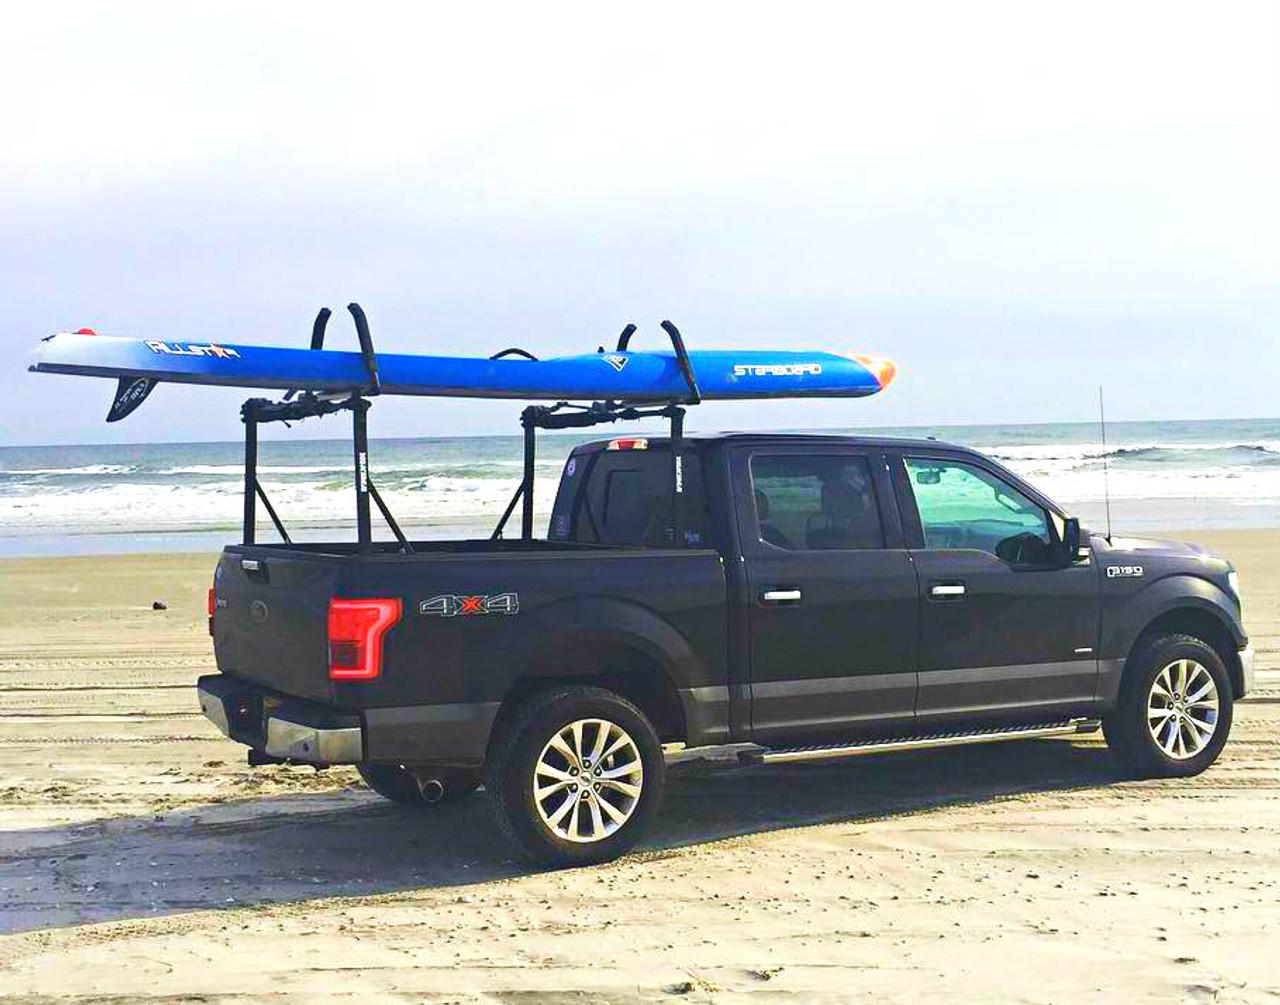 Locking Surf Ski Roof Rack | Adjustable Arms